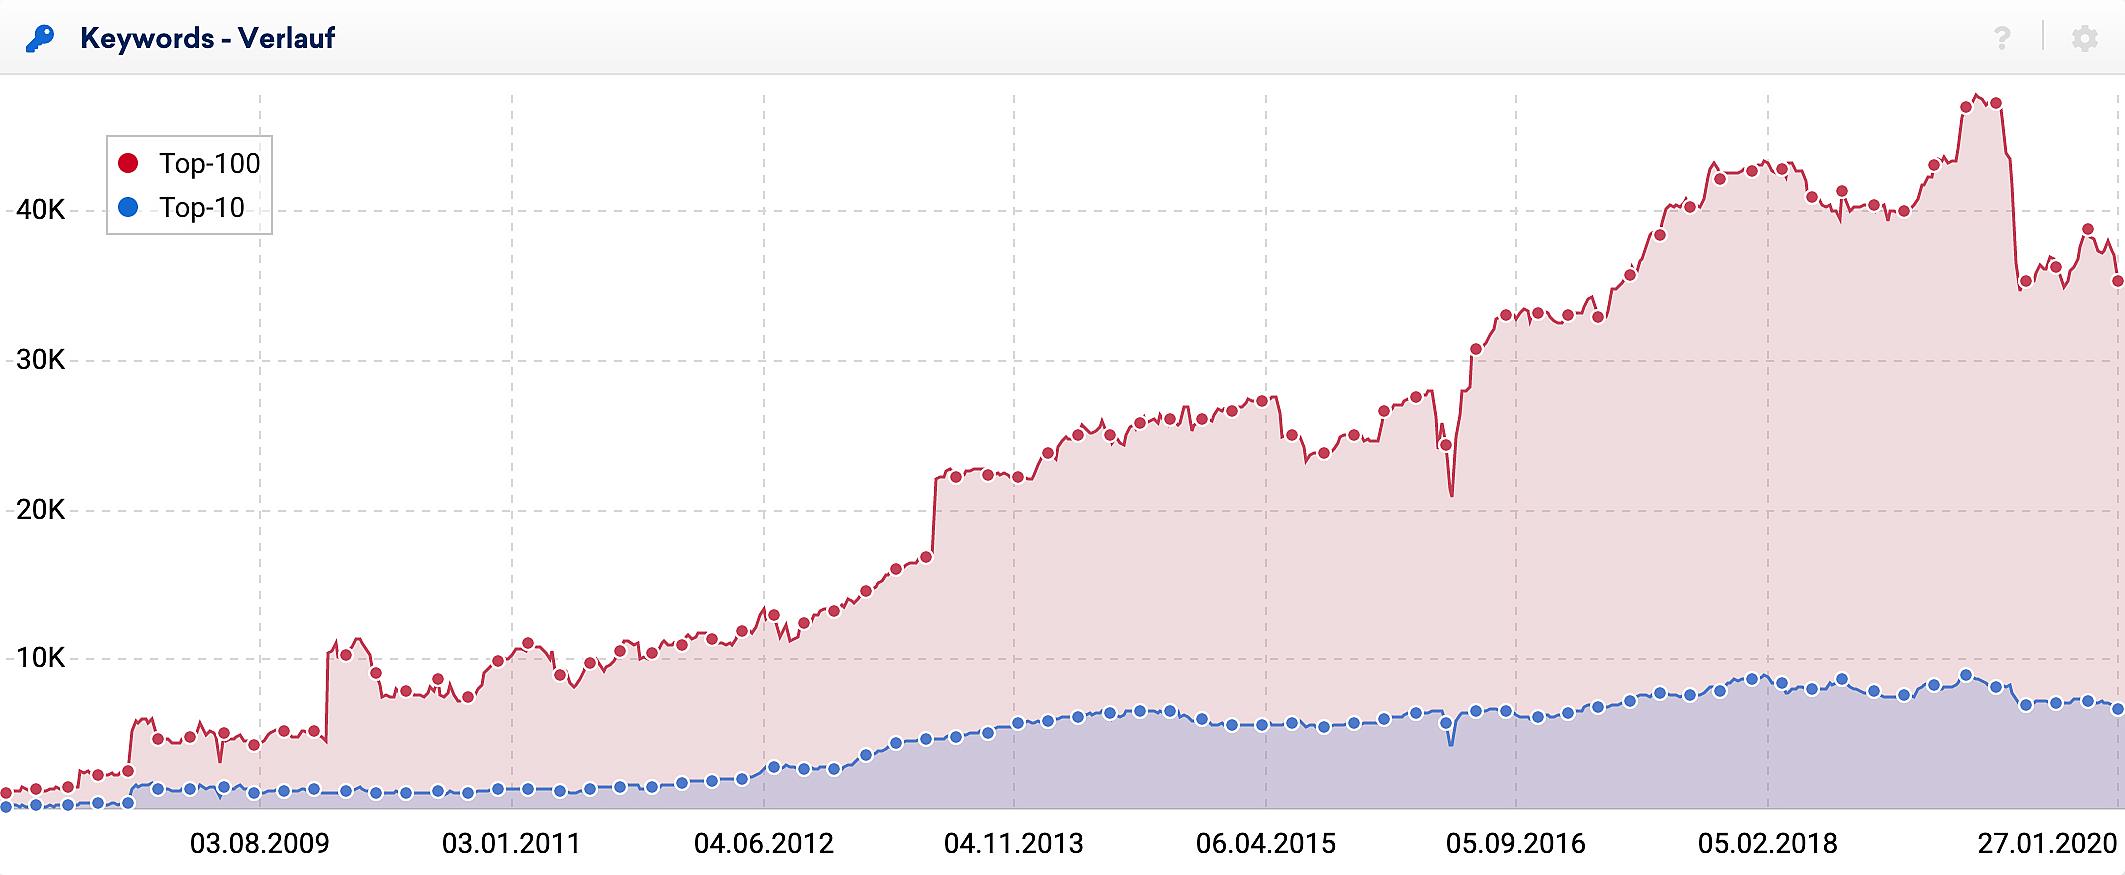 Verlauf der rankenden Keywords für eine große deutsche Domain. In der Grafik sind zwei Verläufe zu sehen, einmal die Anzahl der rankenden Top-100 Keywords und dann, in blau, nur die Anzahl an Keywords die auf der ersten Suchergebnisseite (Top-10) gefunden wurden.